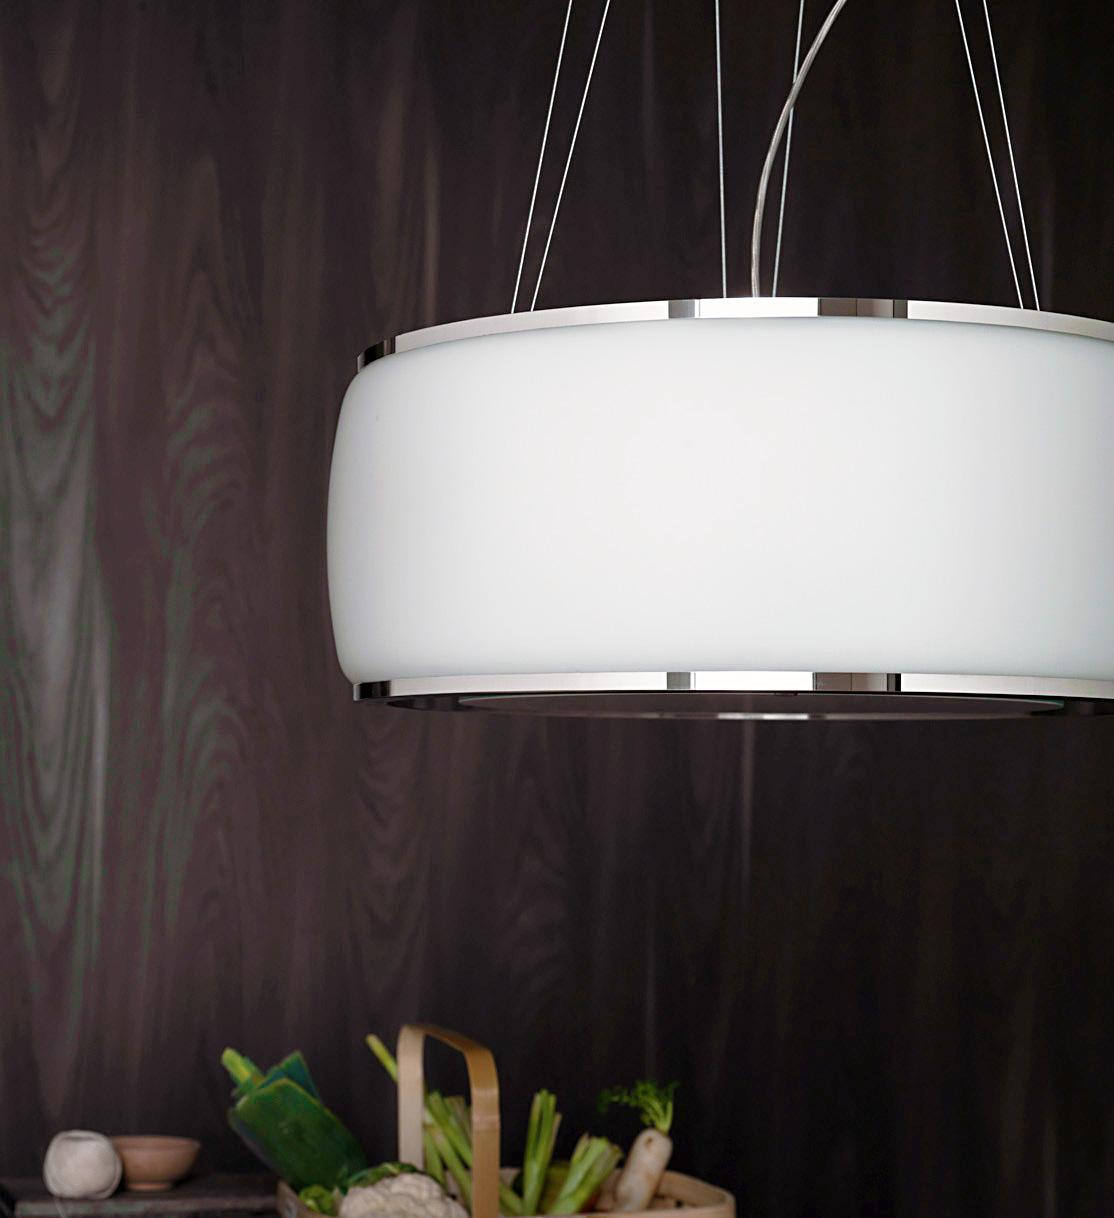 hotte falmec lustre design verre soffio. Black Bedroom Furniture Sets. Home Design Ideas